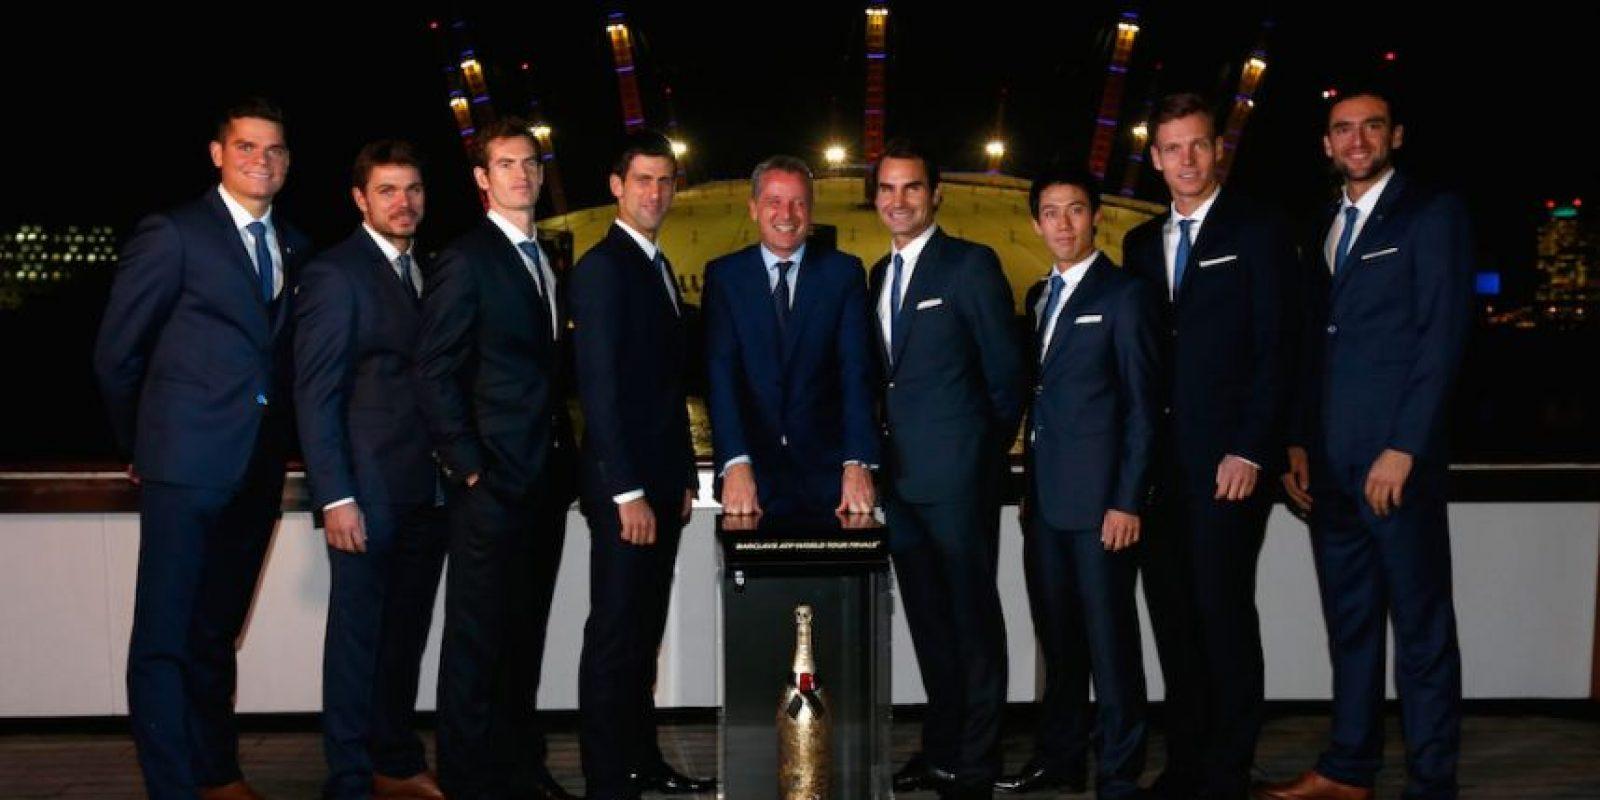 Los ocho grandes del tenis con Chris Kermode, presidente de la ATP. Foto:Getty Images